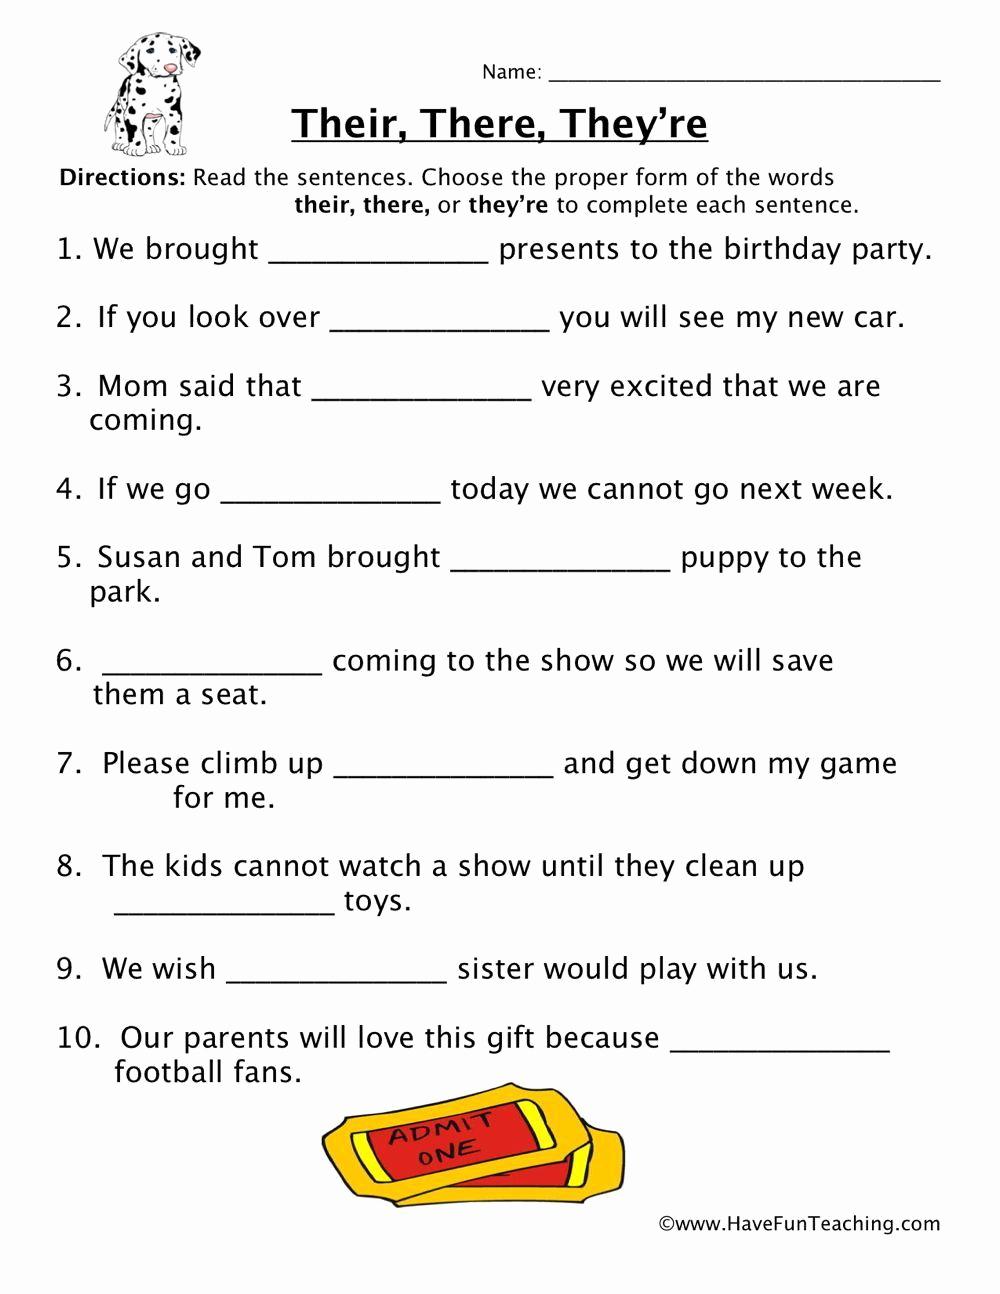 Homophone Worksheets Middle School Beautiful Homophones Worksheet 5th Grade In 2020